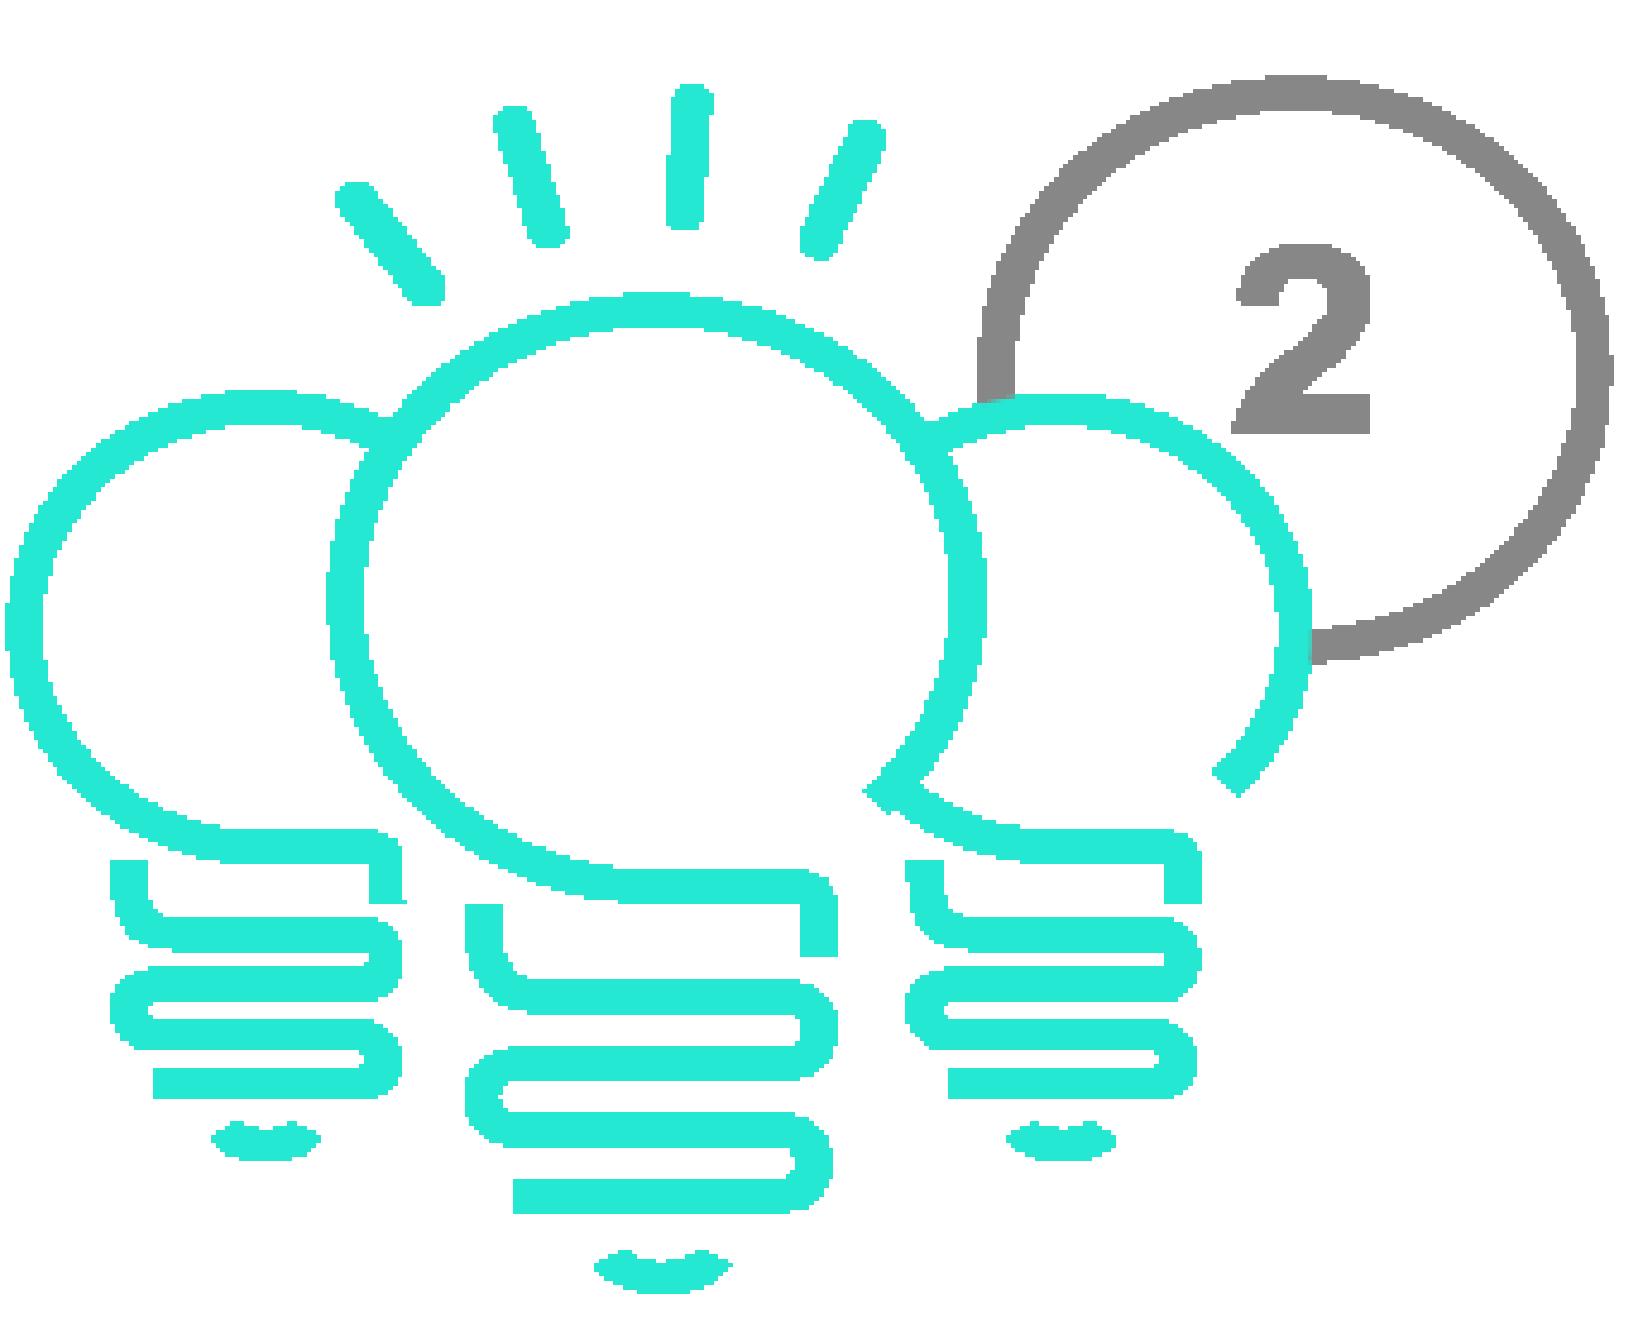 Заказать логотип недорого у фрилансера bid on freelance projects